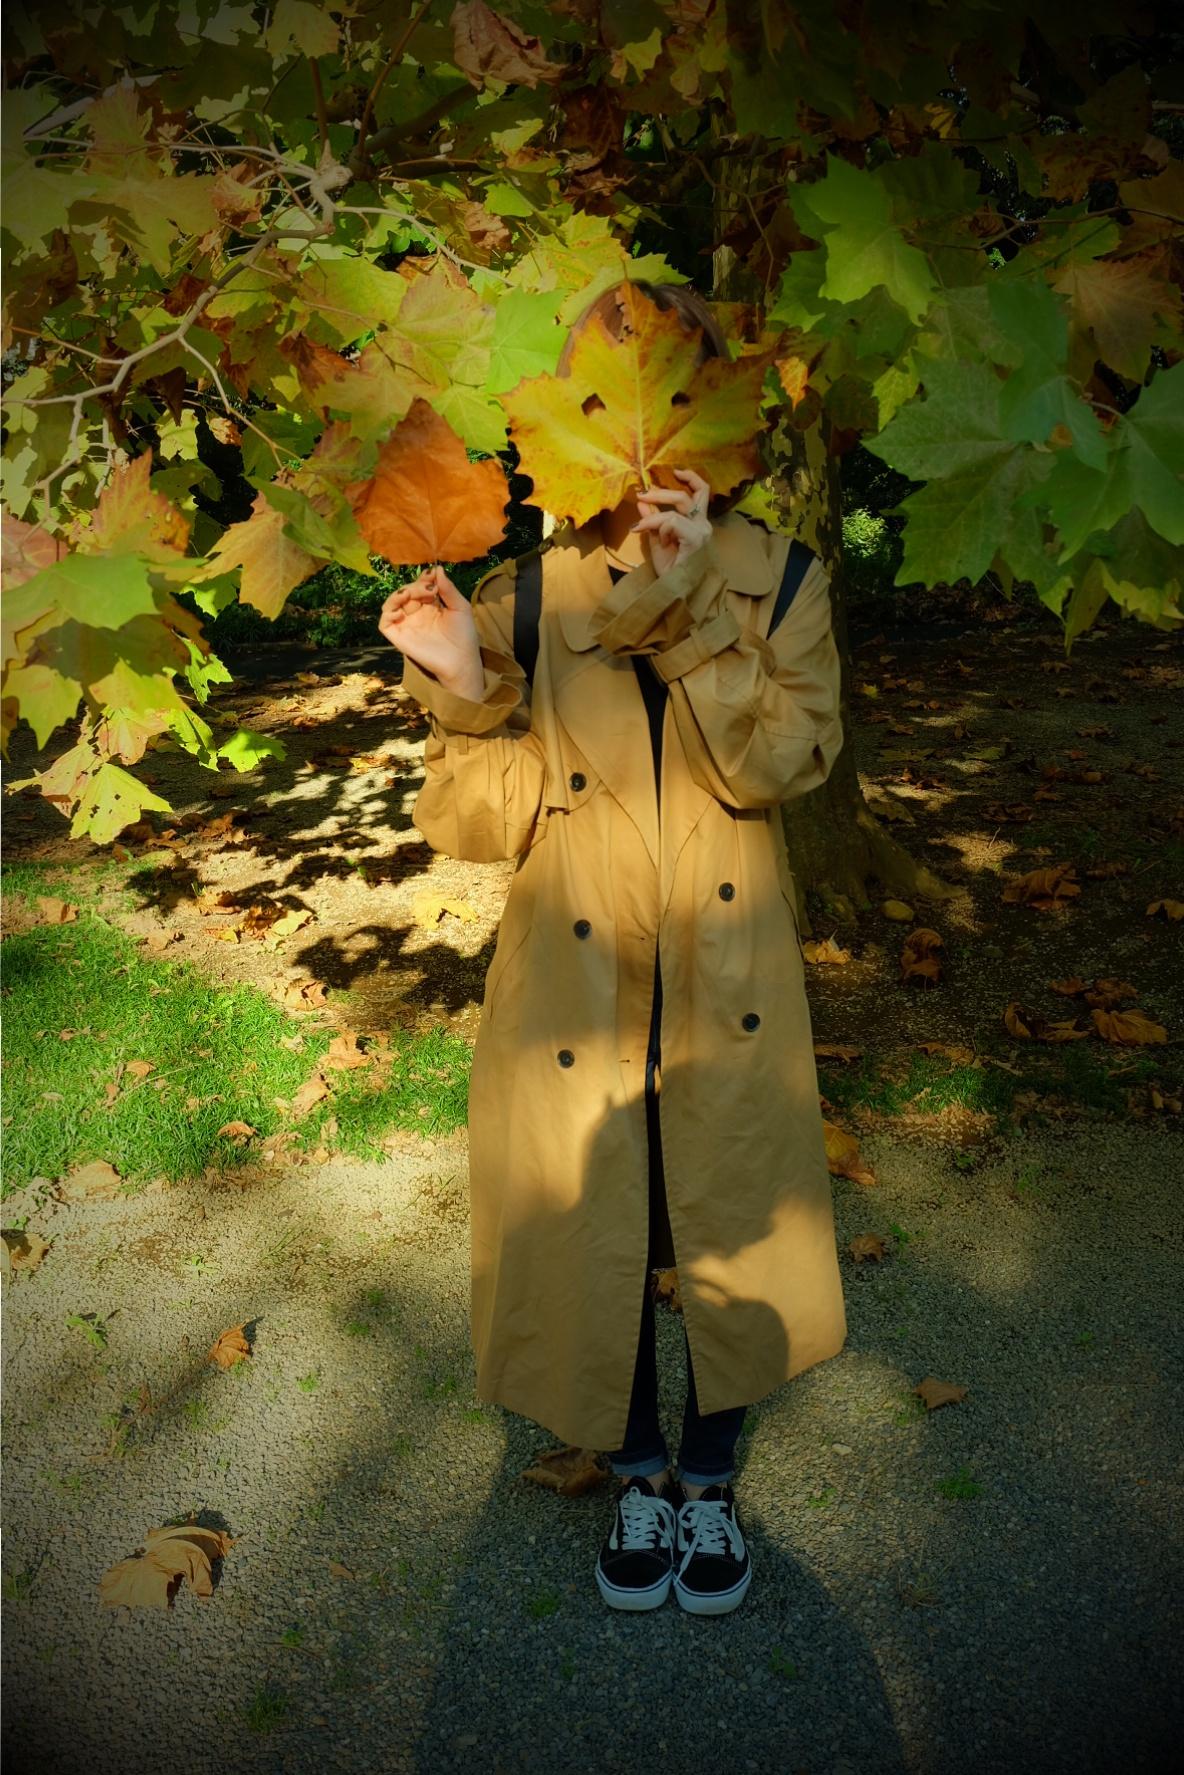 東京でも絶景の紅葉が!《新宿御苑》で秋が始められますよ〜!!フォトスポット&コーディネートも合わせてご紹介!_5